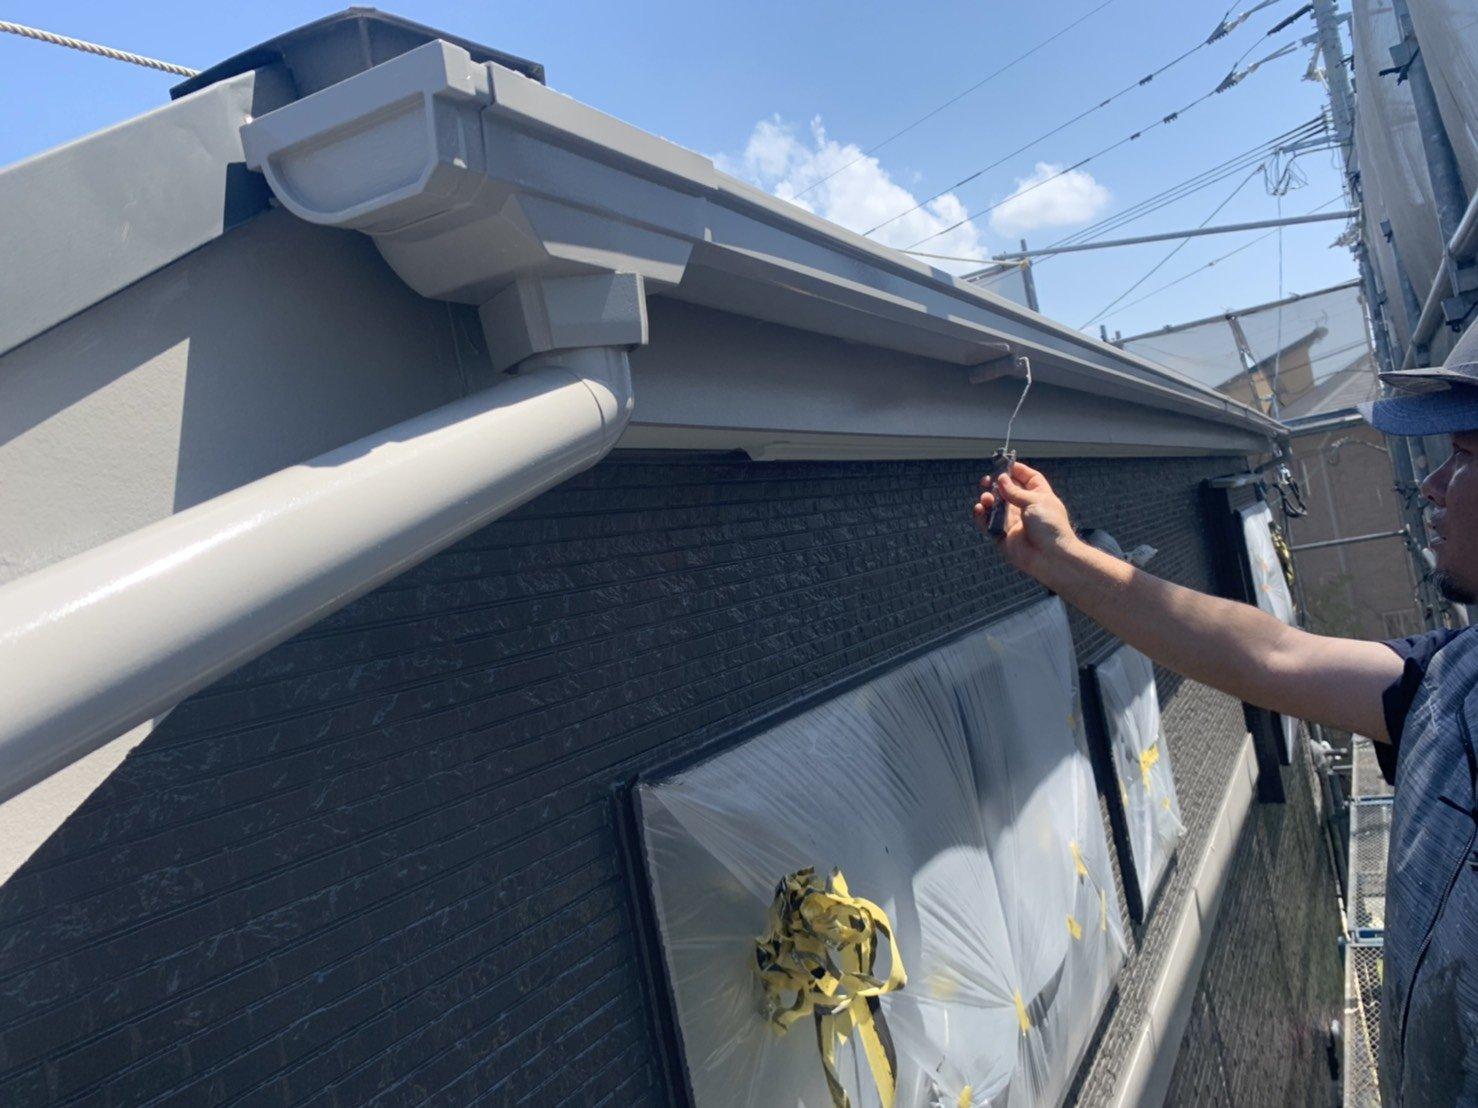 福岡県福津市N様邸施工6日目外壁上塗り付帯塗装作業